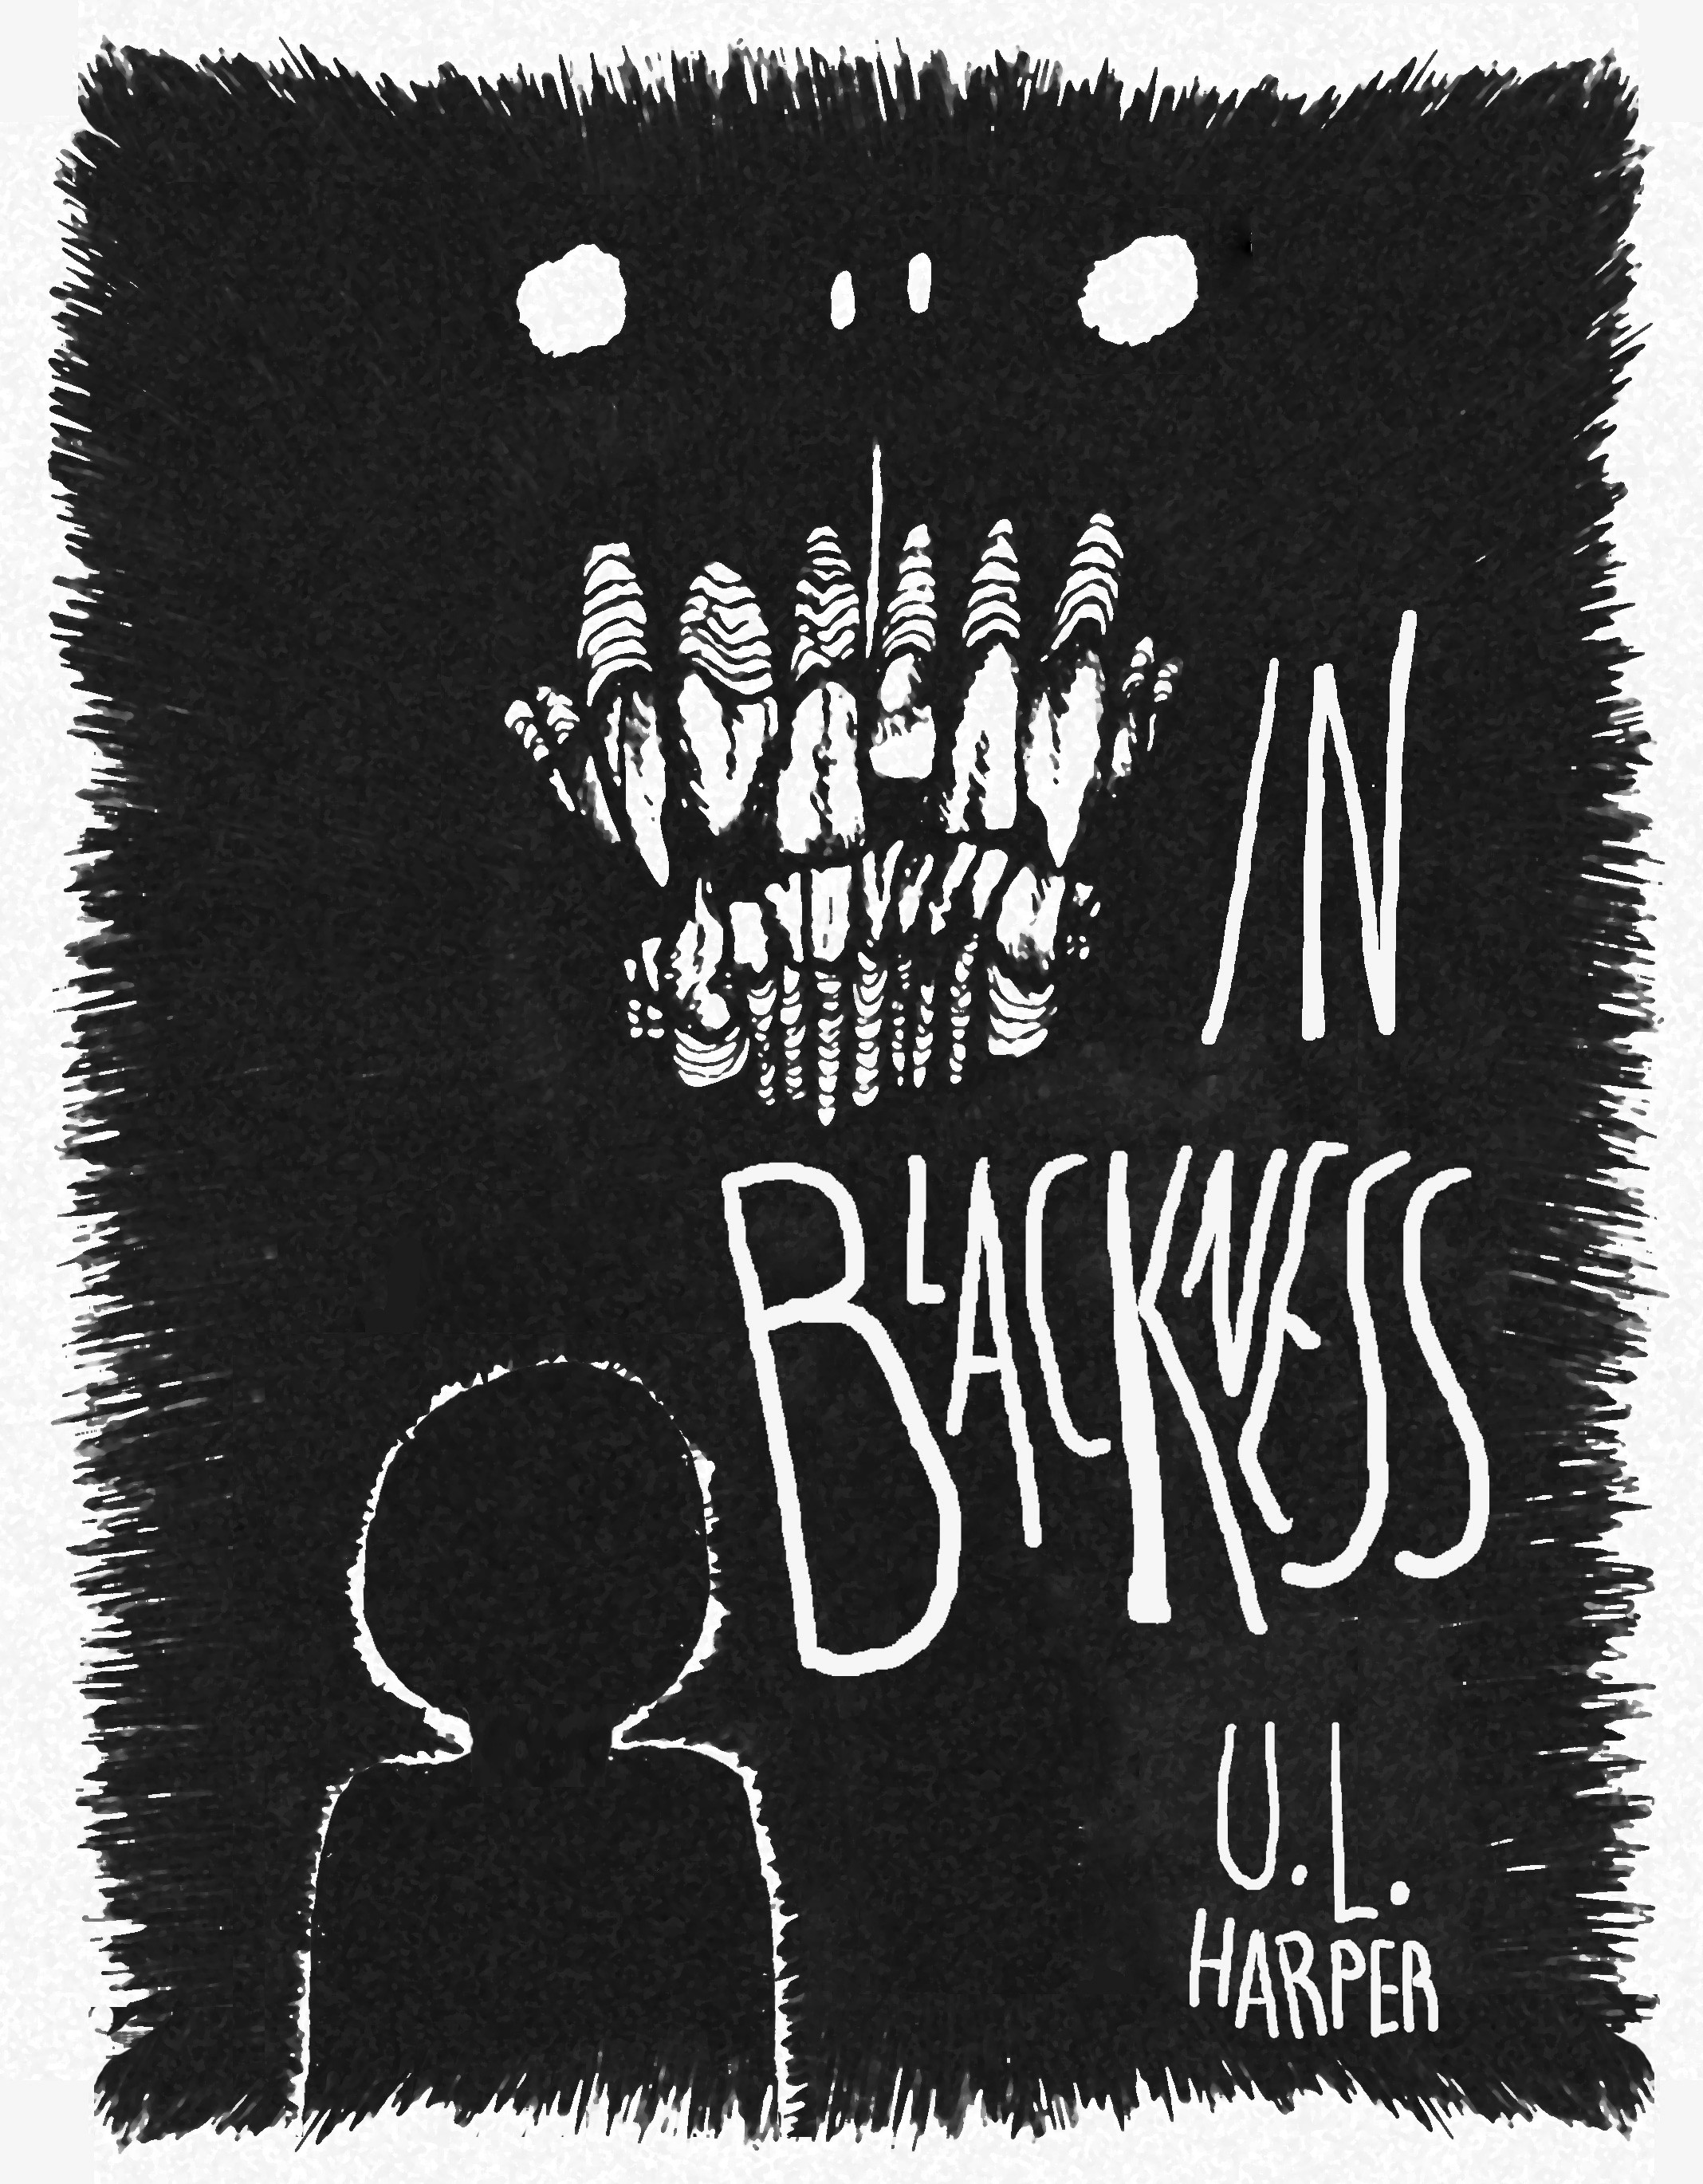 In Blackness